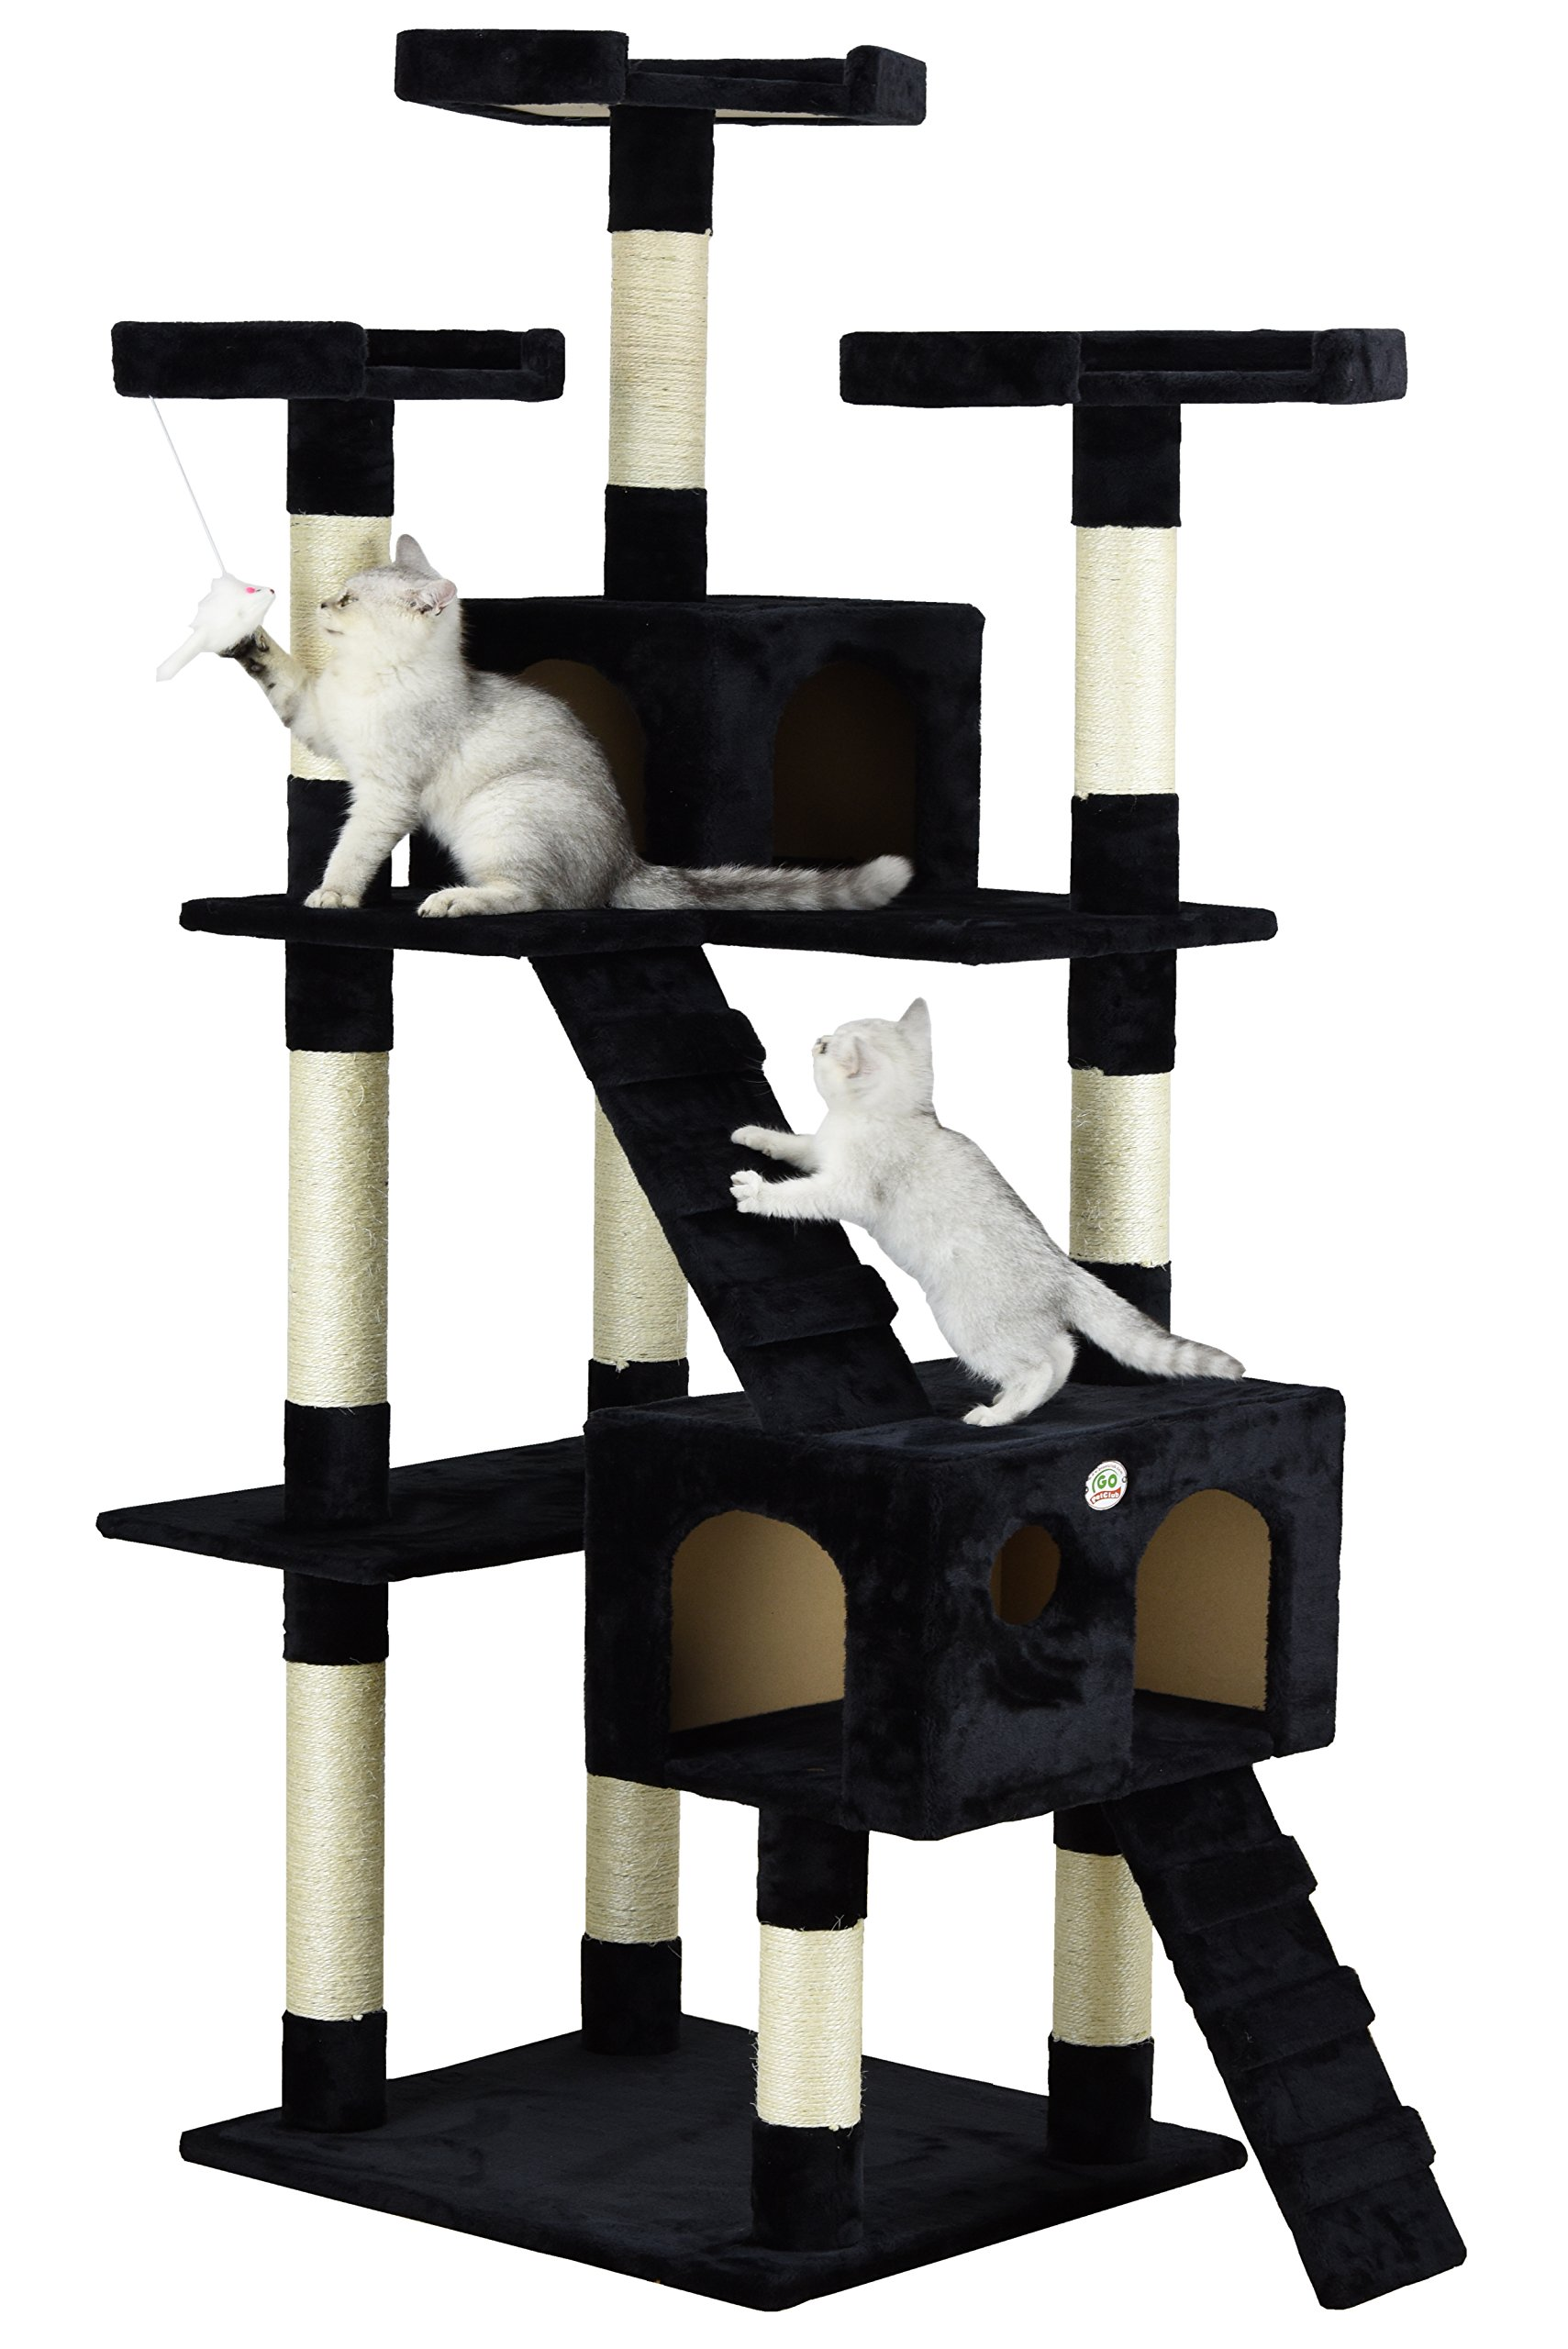 Go Pet Club Cat Tree, 33-Inch by 22-Inch by 72-Inch, Black by Go Pet Club